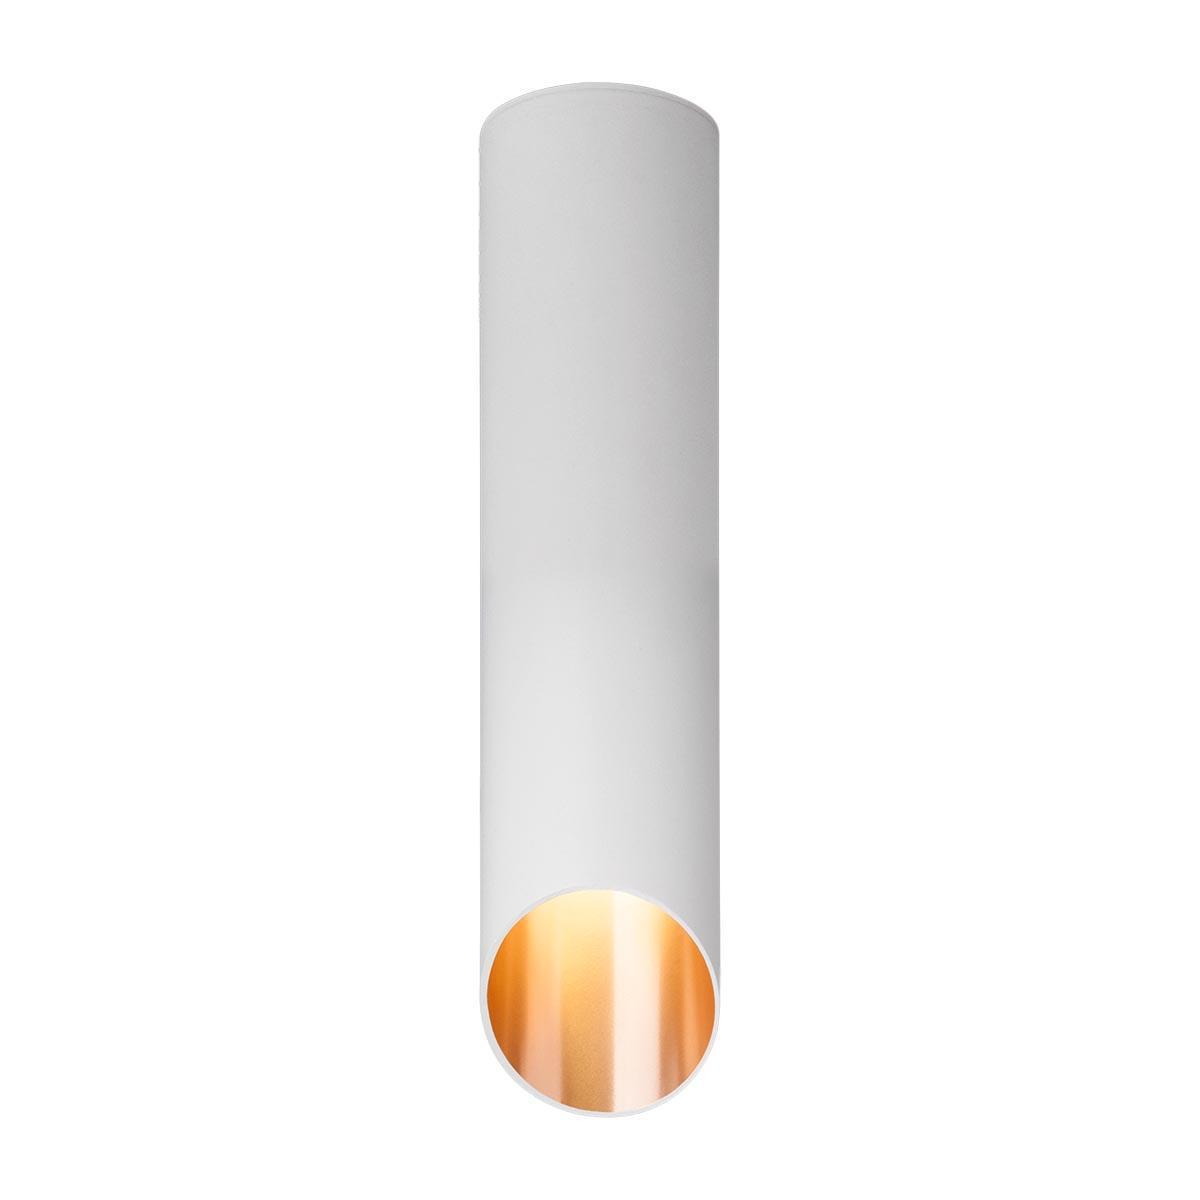 Потолочный светильник Elektrostandard DLN115 GU10 белый/золото 4690389151187